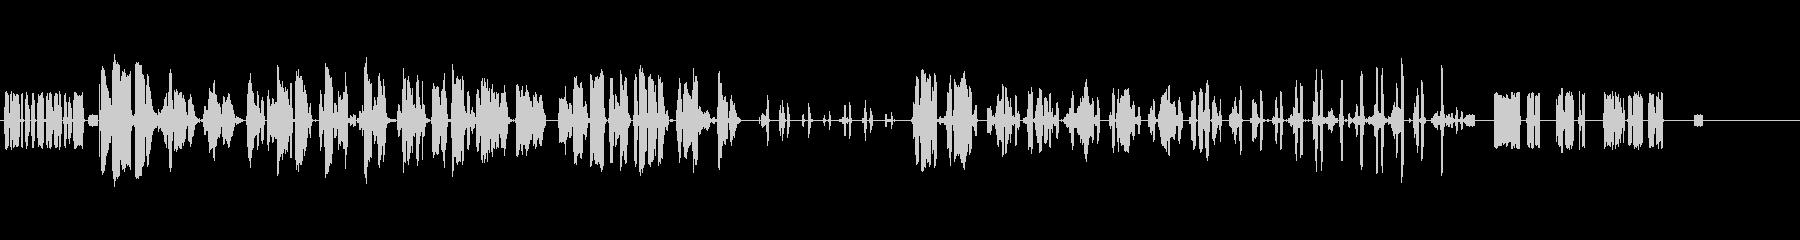 telephonic errorの未再生の波形